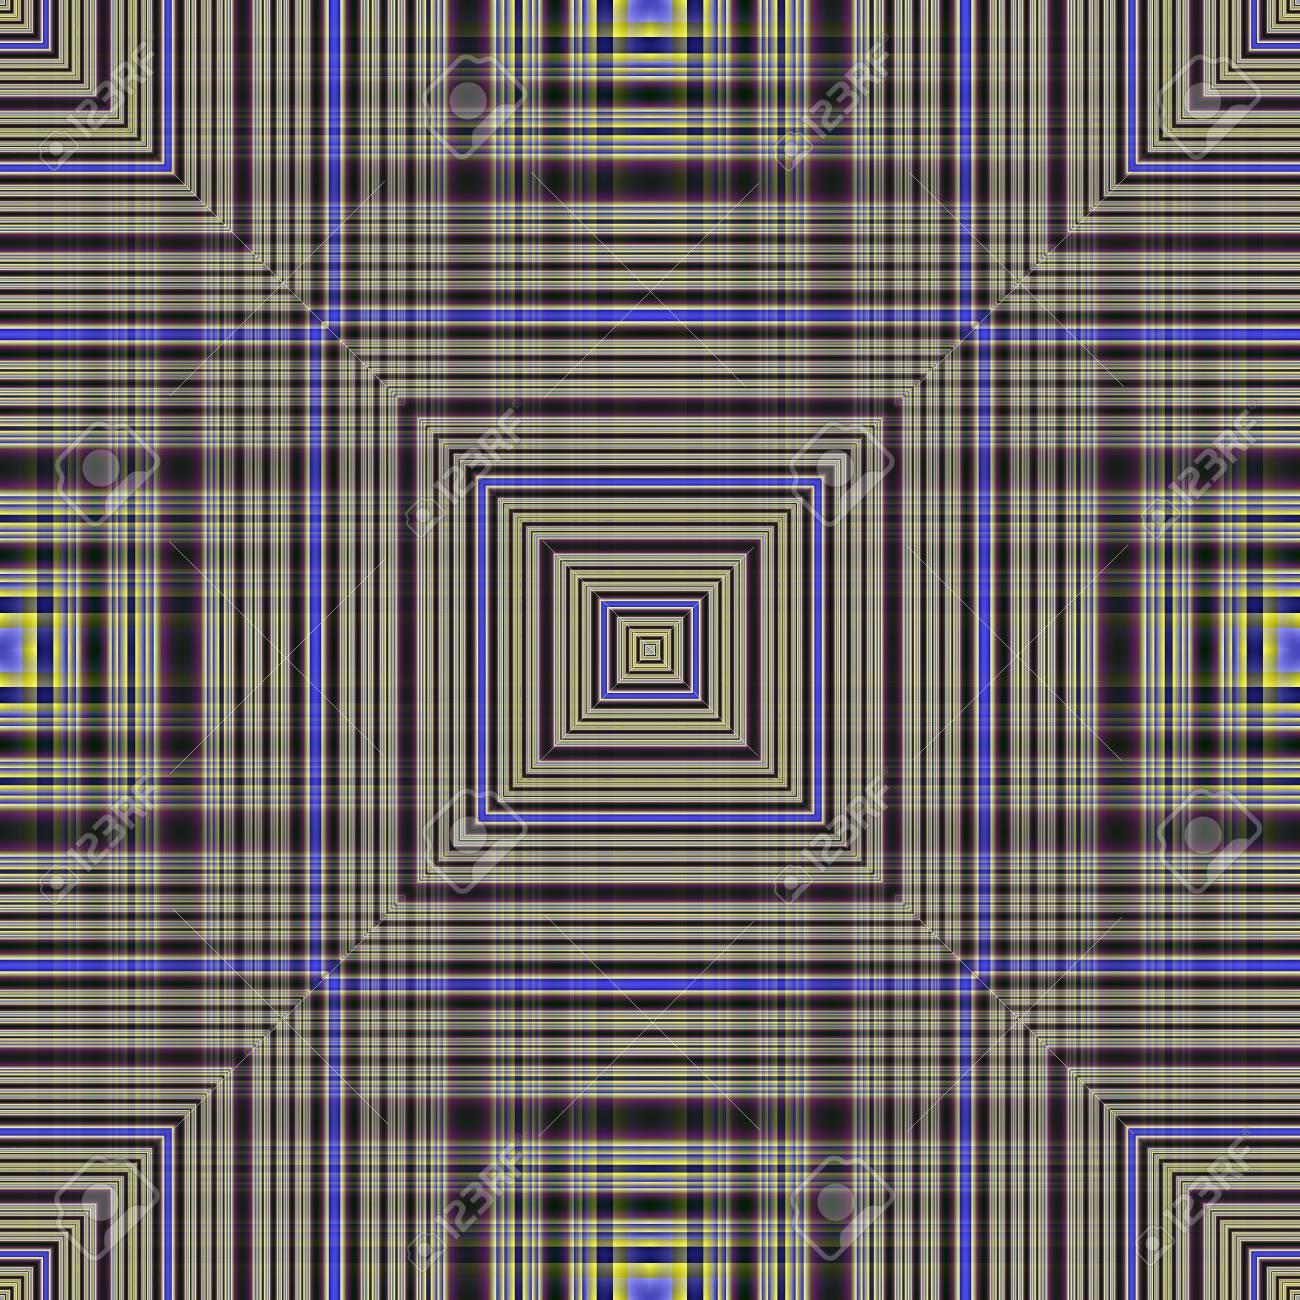 Boxy sömlös kakel stånd abstrakt mönster. royalty fria stockfoton ...